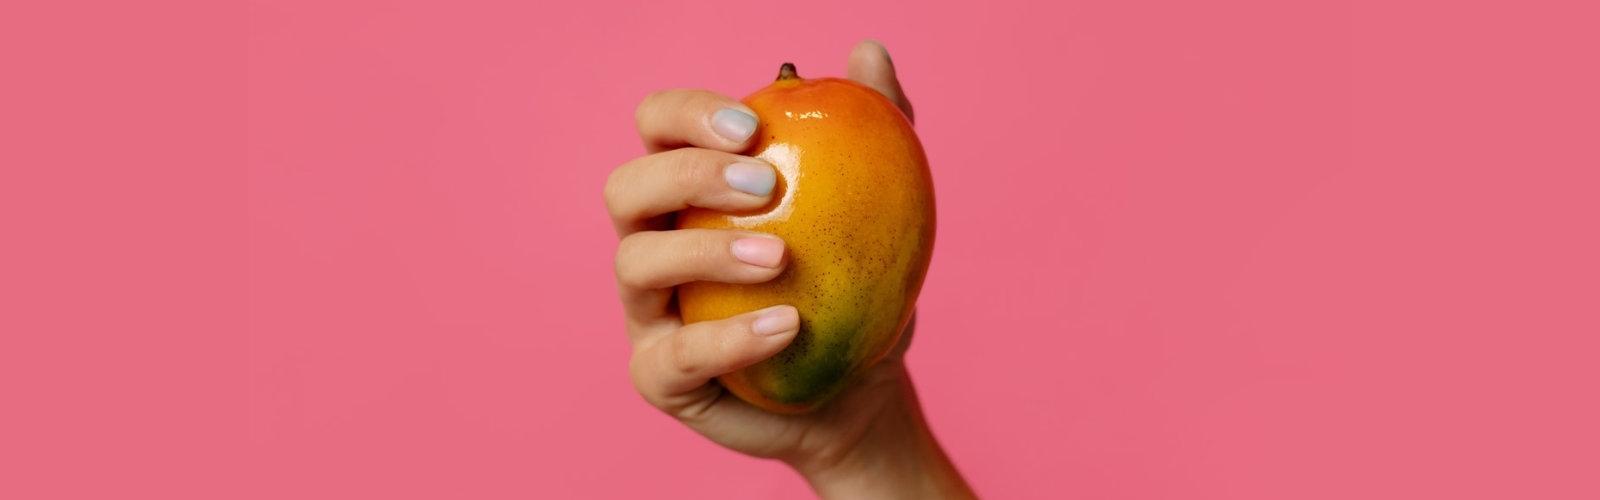 Fiatalos bőr egzotikusan, avagy ezért szeretjük a mangót